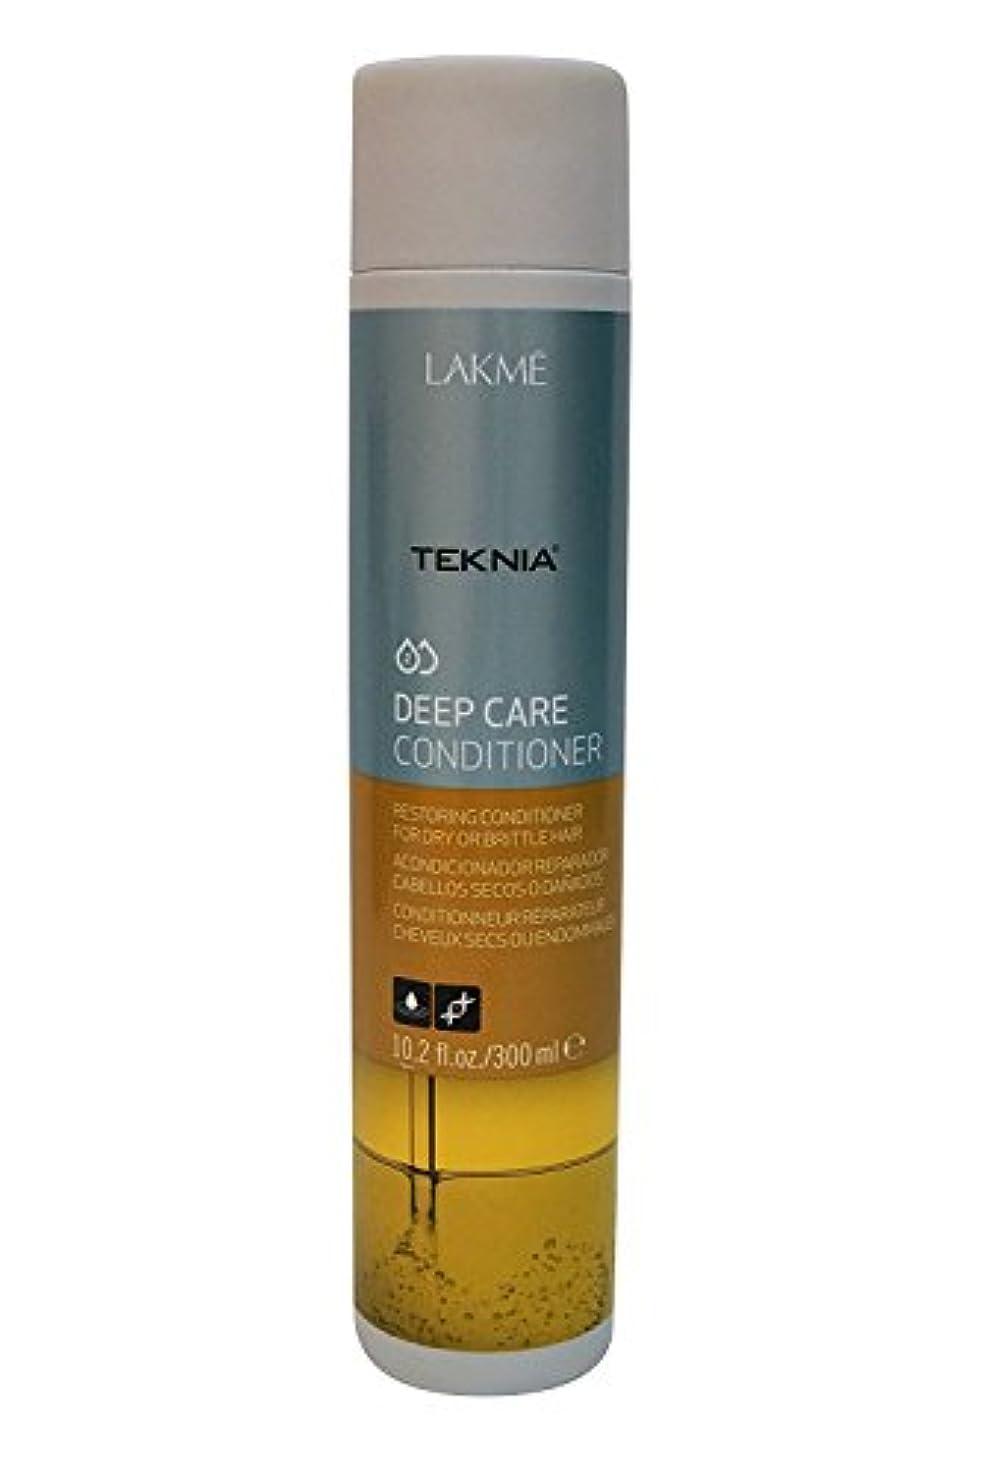 修正あいさつ腰Lakme Teknia Deep Care Conditioner 10.2 Oz by Lakme